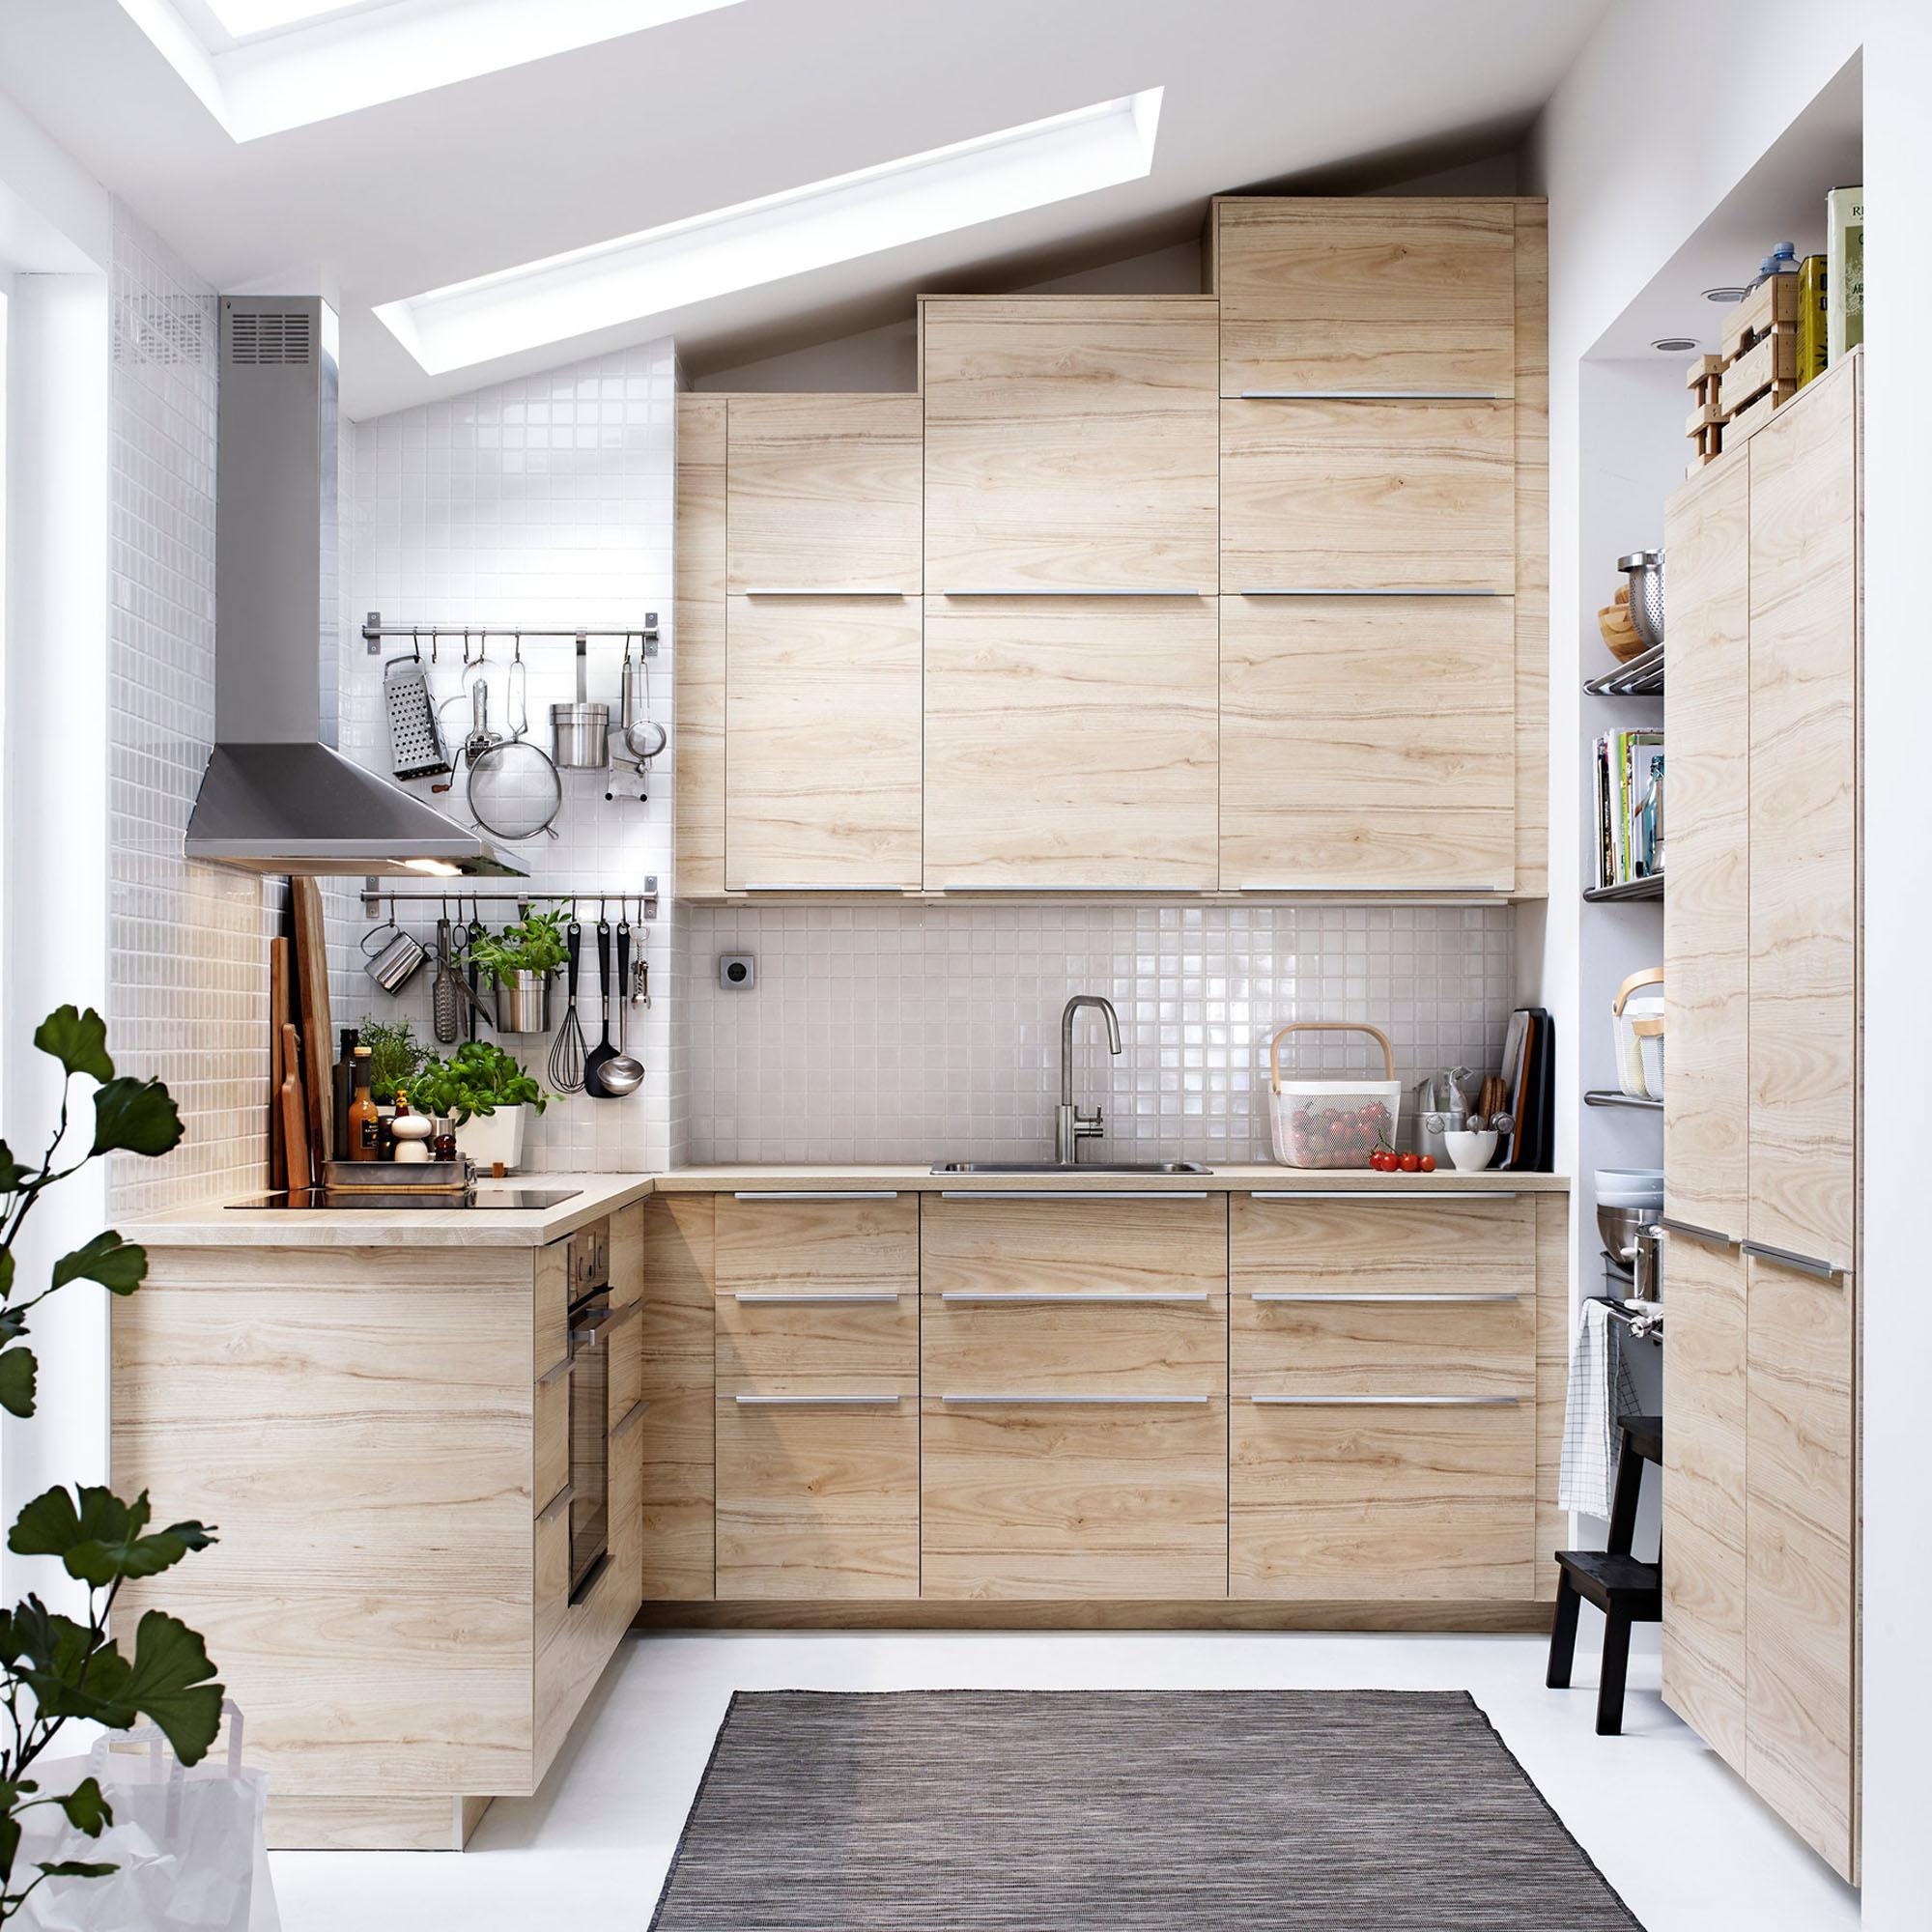 Artesanato Lata De Leite Condensado ~ Muebles De Entrada Ikea Mueble Entrada Ikea Wengue Foto With Muebles De Entrada Ikea Fabulous